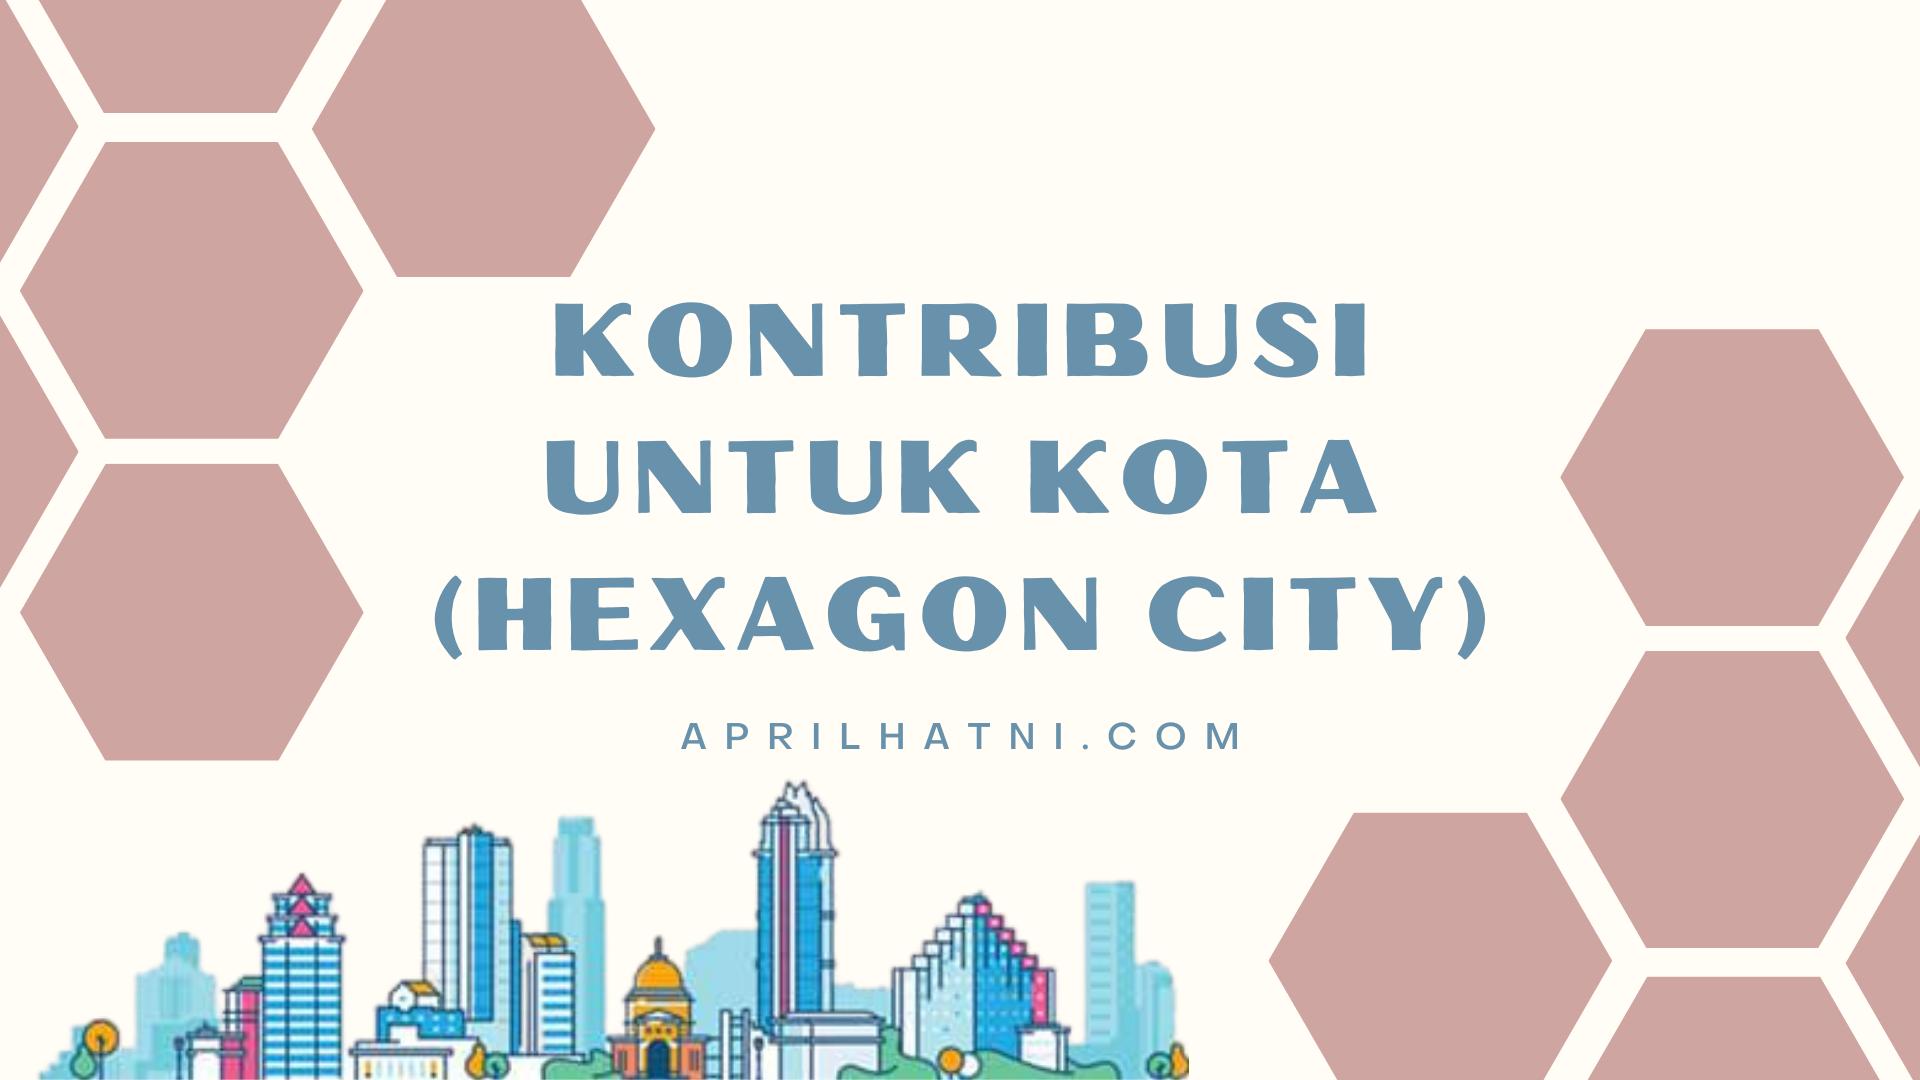 kontribusi untuk kota hexagon city